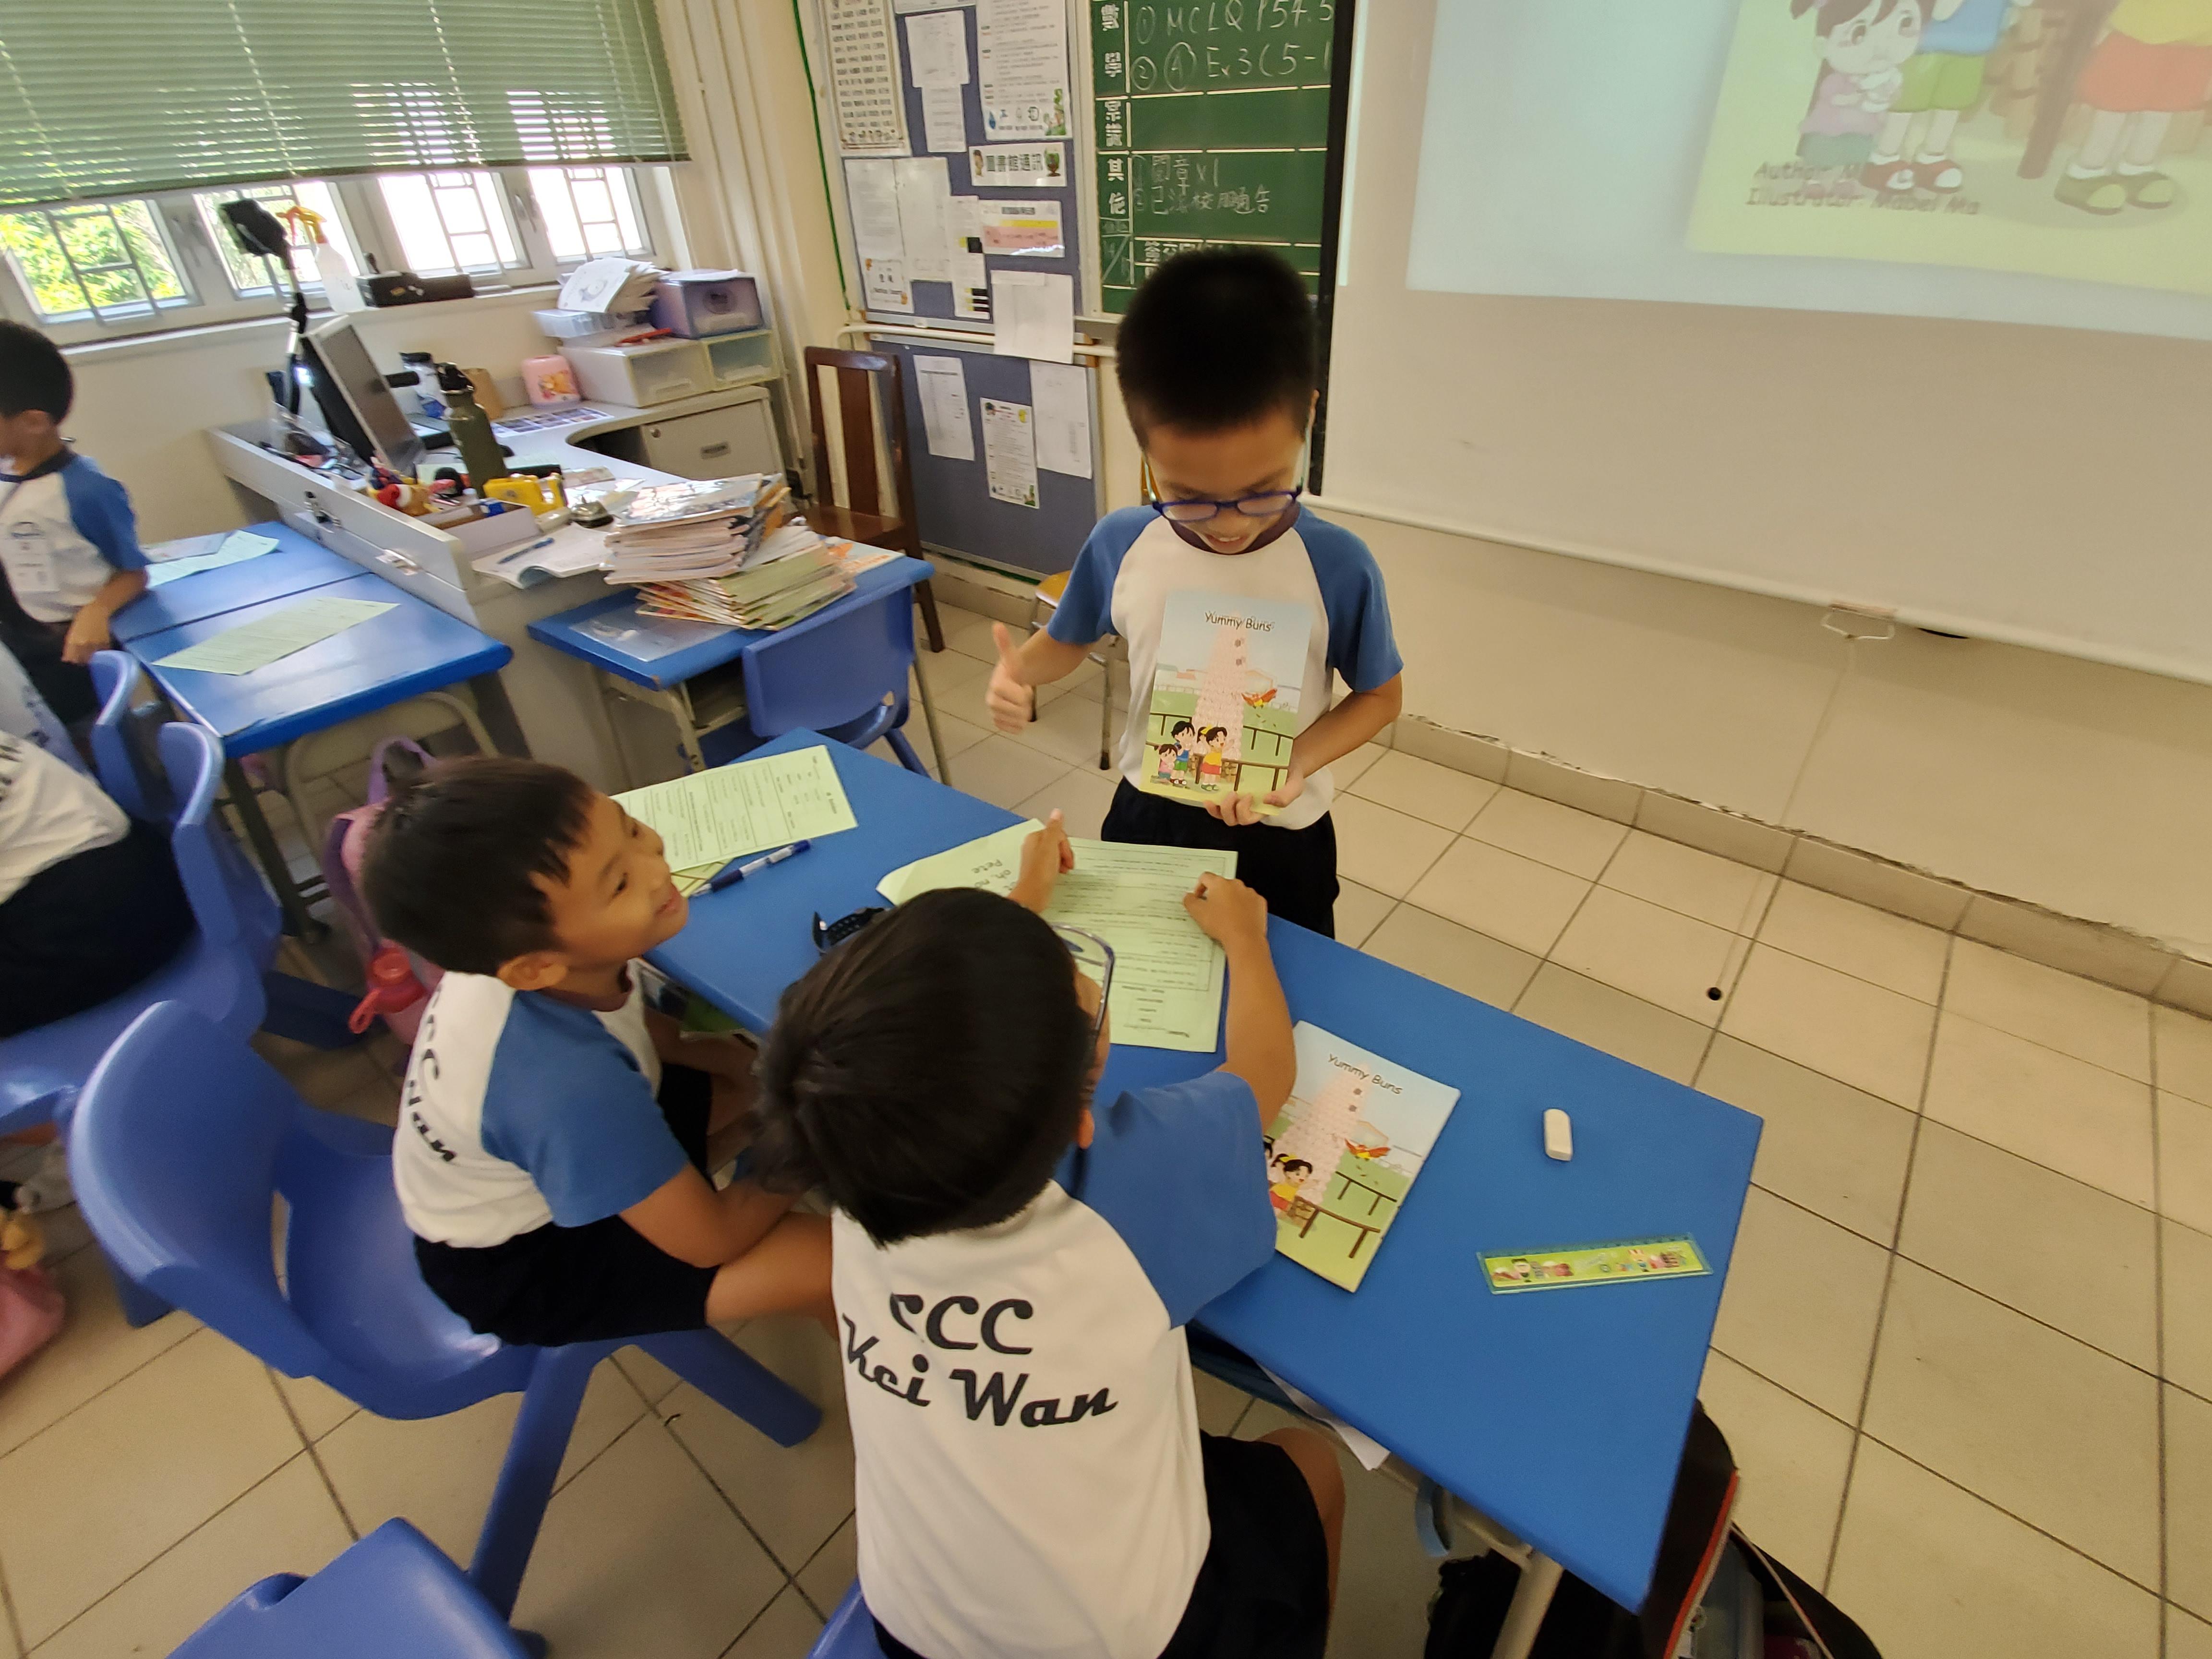 http://www.keiwan.edu.hk/sites/default/files/42_1.jpg